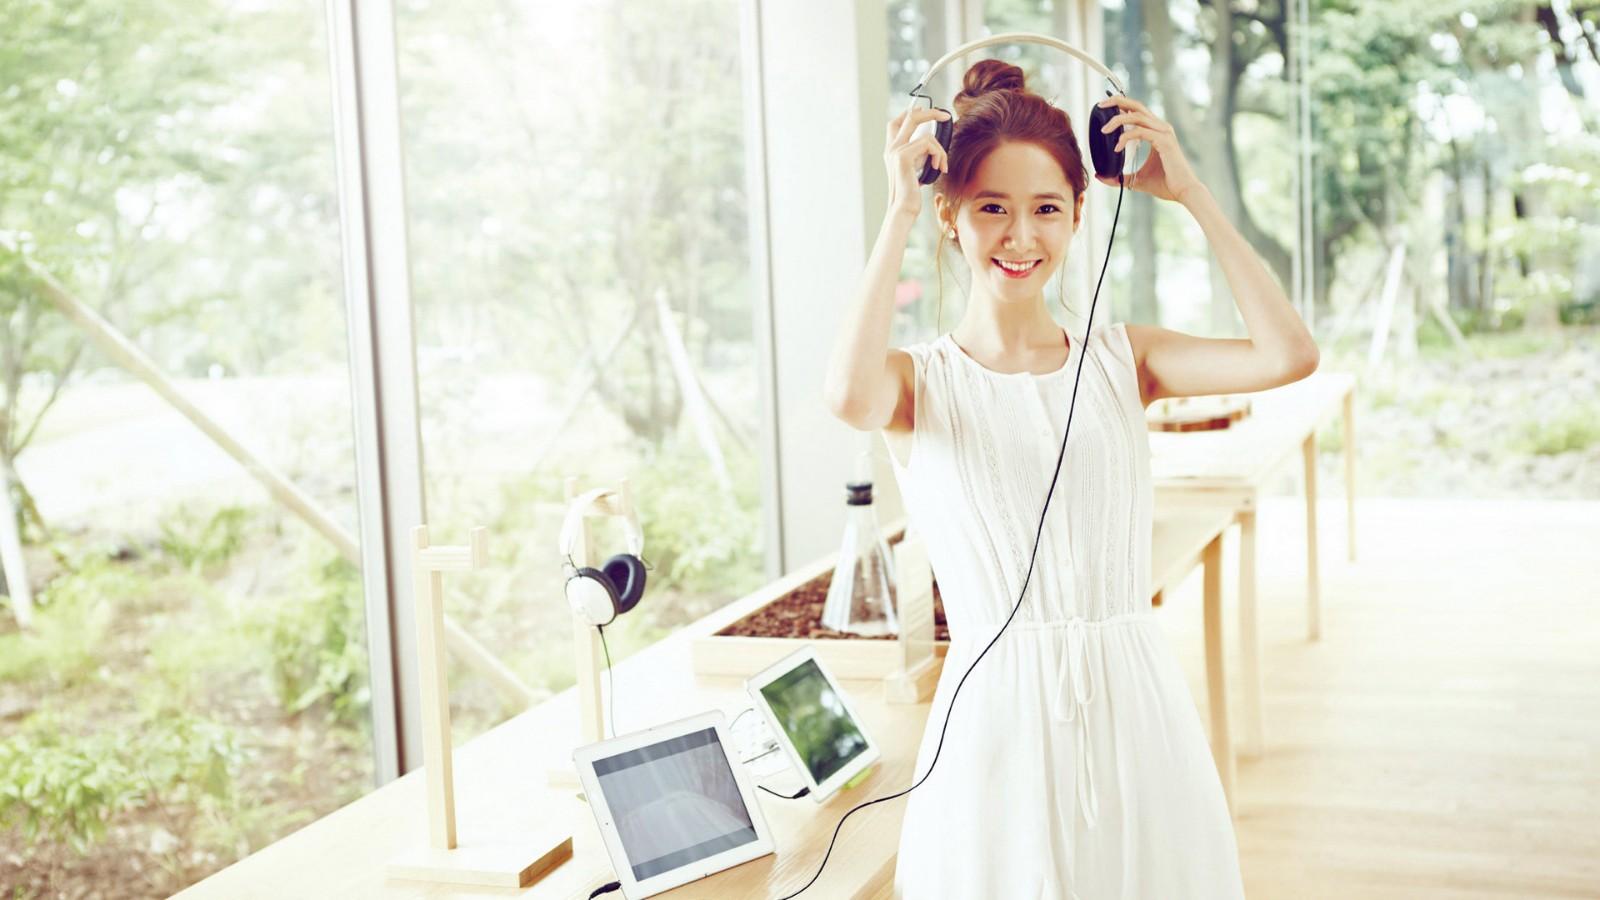 少女时代,明星,林允儿,美女,开心,微笑向暖,美女壁纸